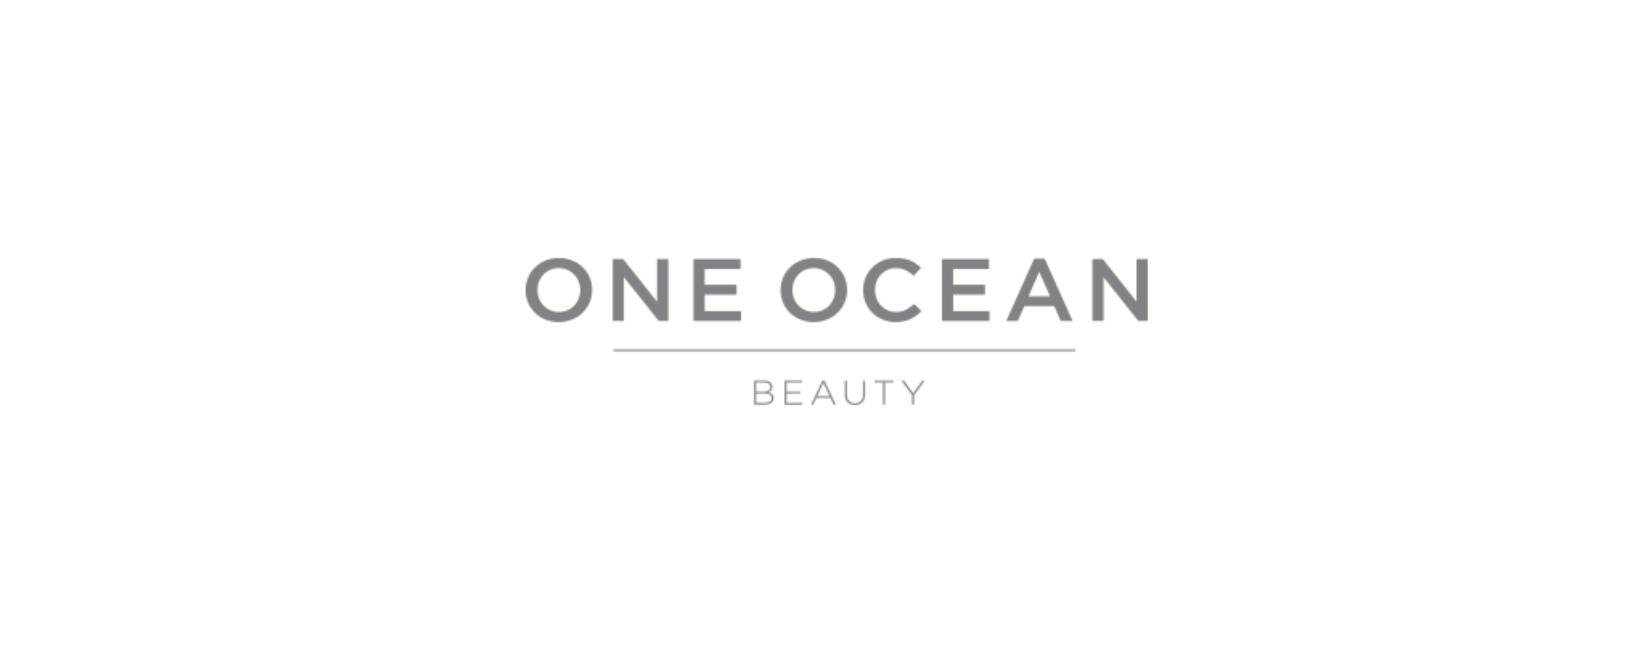 One Ocean Beauty Discount Code 2021